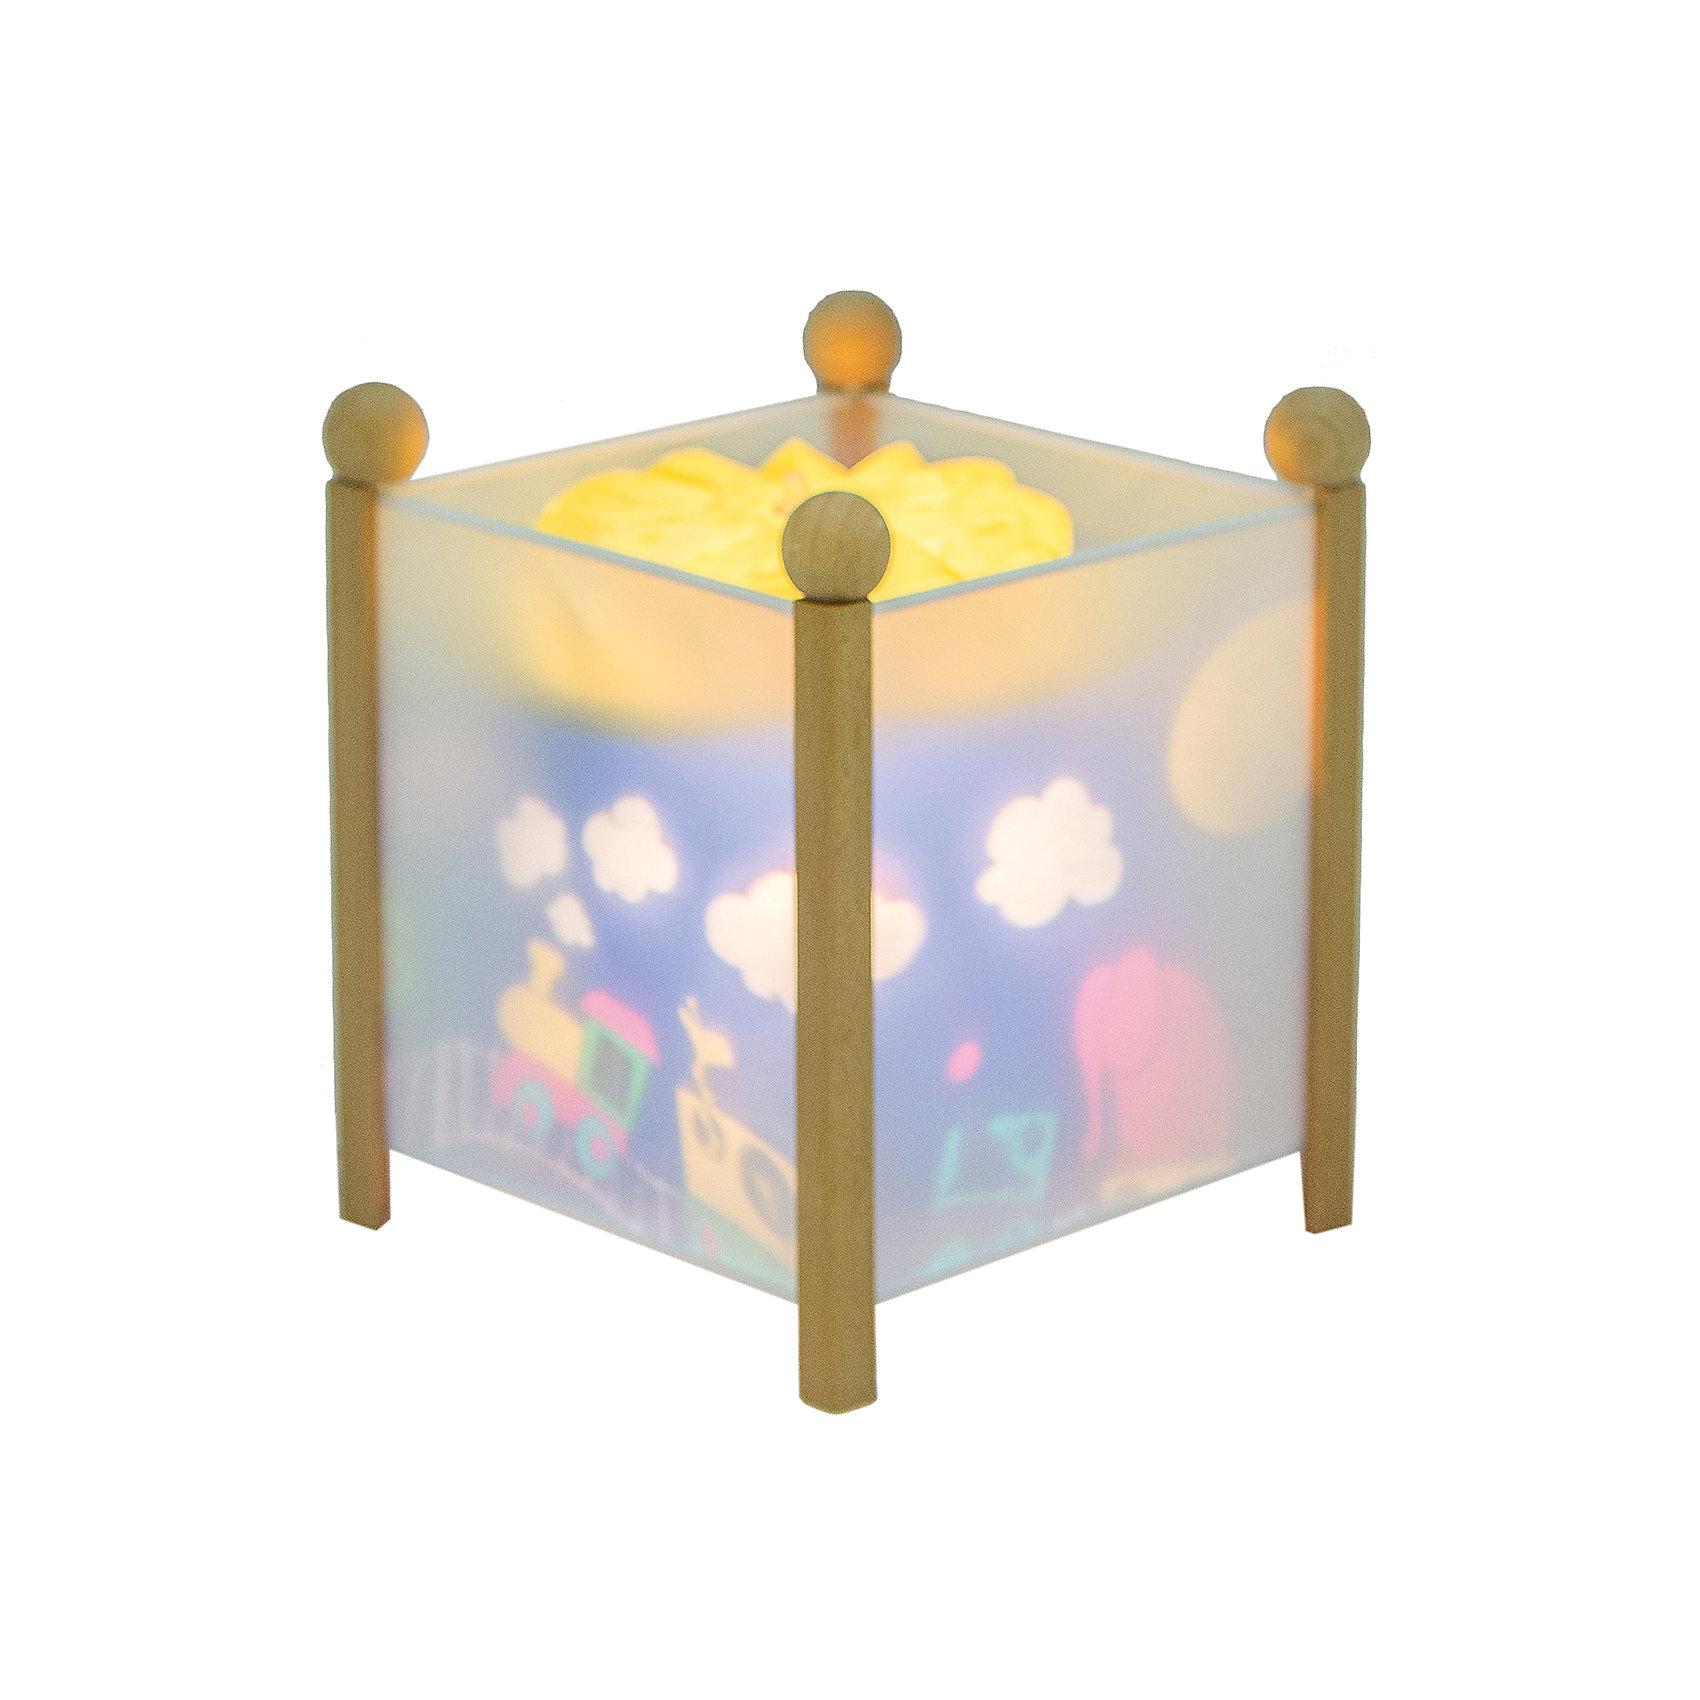 Светильник-ночник Паровозик, 12V, TrousselierНочники и проекторы<br>Светильник-ночник Паровозик, 12V, Trousselier сделан в виде симпатичной игрушки, которая делает приятным и уютным погружение в сладкий мир сновидений.<br><br>Он светится нежным мягким светом, не раздражающим глазки даже ночью. Внутрь светильника встроен специальный механизм, вращающий цилиндр ночника от тепла лампочки. Ночник упакован в праздничную коробку, что дает возможность преподнести его в качестве подарка на праздник.<br><br>Дополнительная информация:<br><br>- Цилиндр ночника вращается благодаря  системе нагрева от лампочки 12 V 20 W, розетка E 14.C. <br>- Размер: 16,50 см x 19 см. <br>- Материал: металлический корпус, деревянные ножки и углы, пластиковый, жароустойчивый цилиндр.<br>- Вес: 1037 г<br>- Поставляется в подарочной упаковке.<br>Соответствует нормам безопасности: CE EN 60598-2-10<br><br>Светильник-ночник Паровозик, 12V, Trousselier можно купить в нашем магазине.<br><br>Ширина мм: 160<br>Глубина мм: 160<br>Высота мм: 190<br>Вес г: 1037<br>Возраст от месяцев: 36<br>Возраст до месяцев: 144<br>Пол: Мужской<br>Возраст: Детский<br>SKU: 3807745